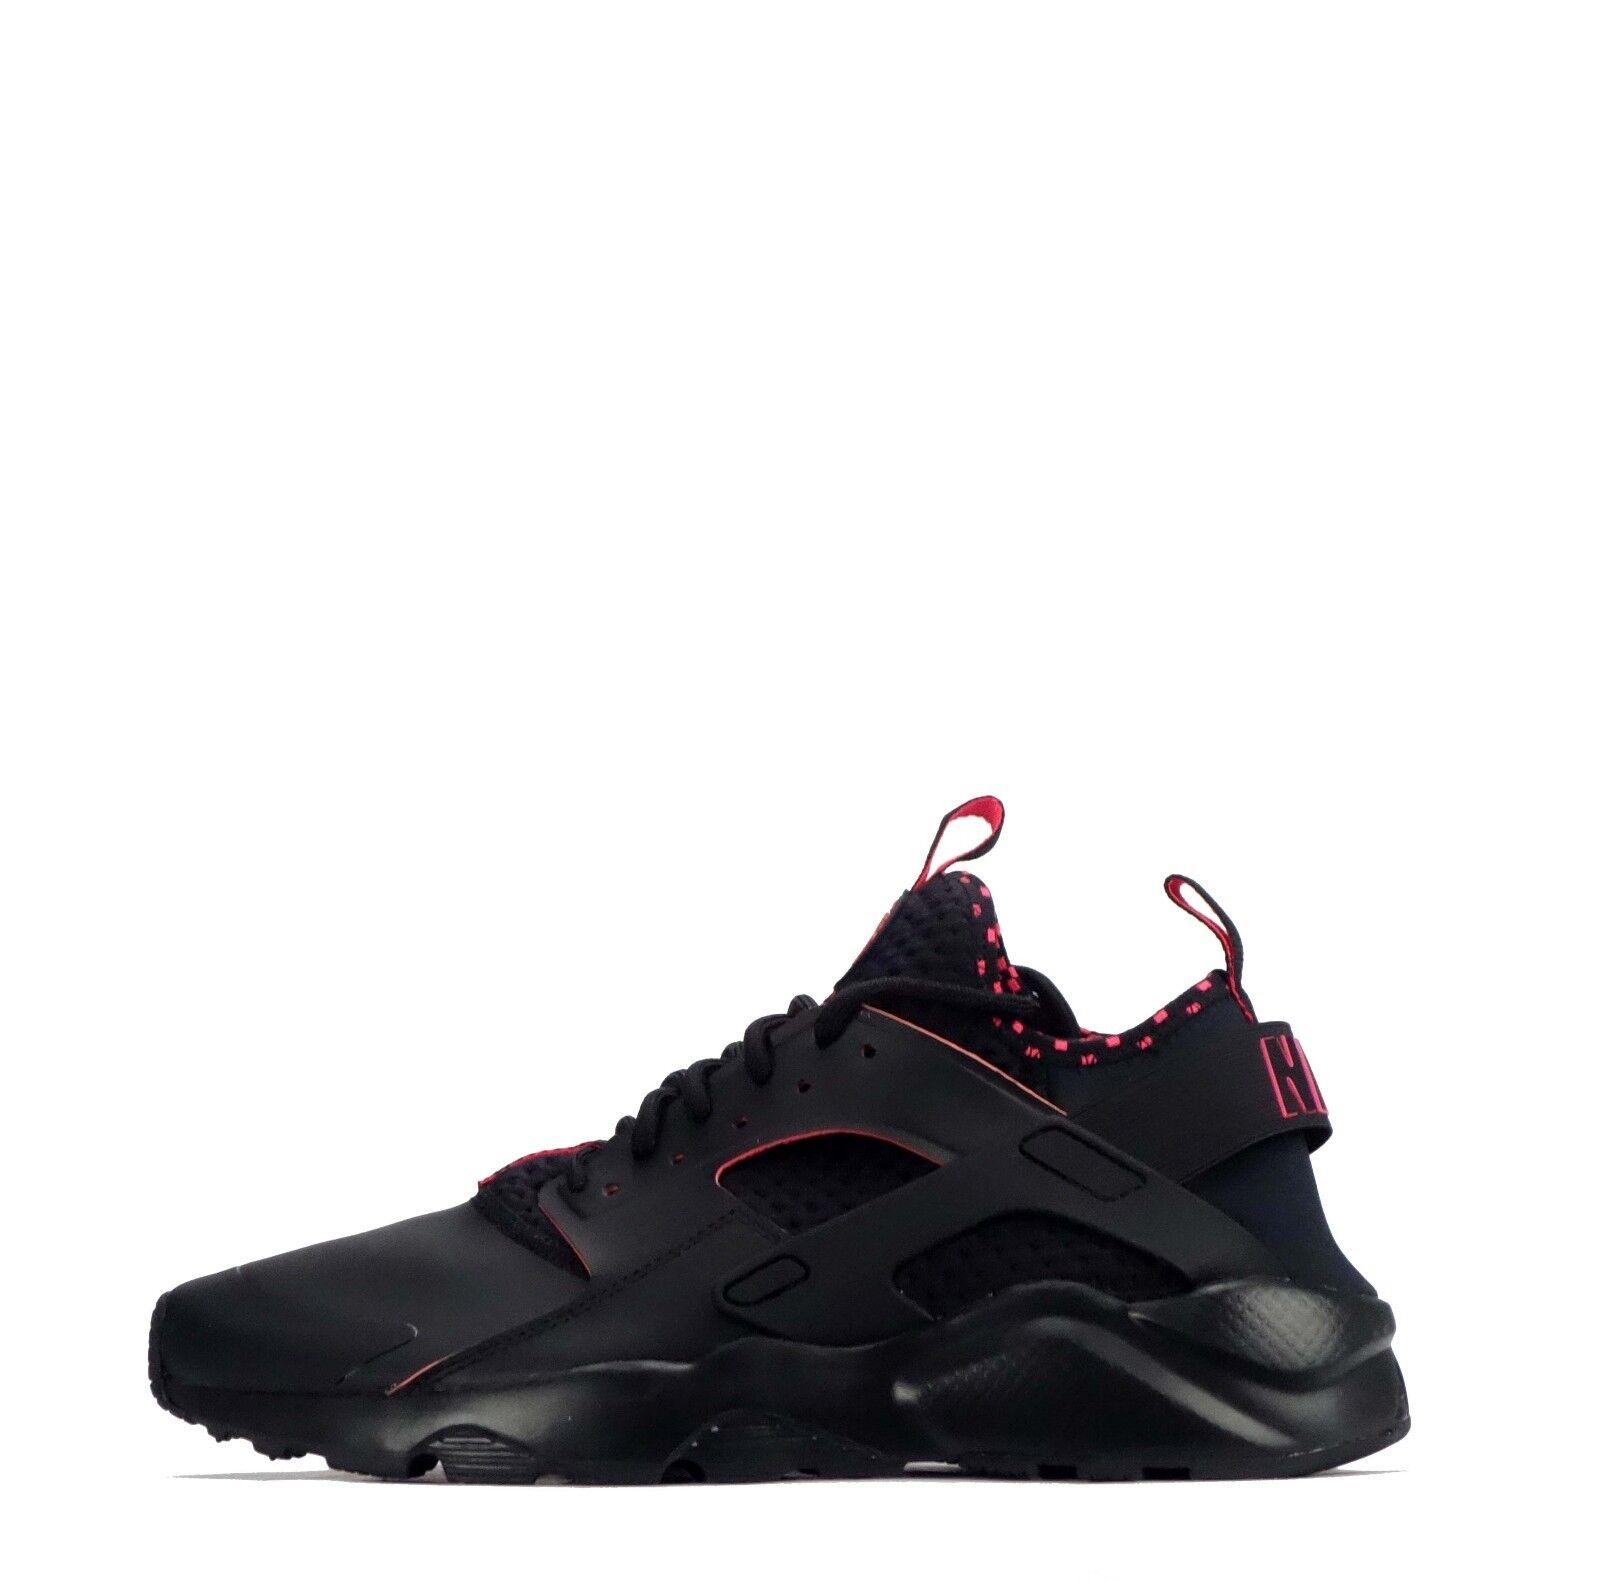 Nike air huarache correre ultra ultra ultra se Uomo formatori nero / rosso solare e8a3a2